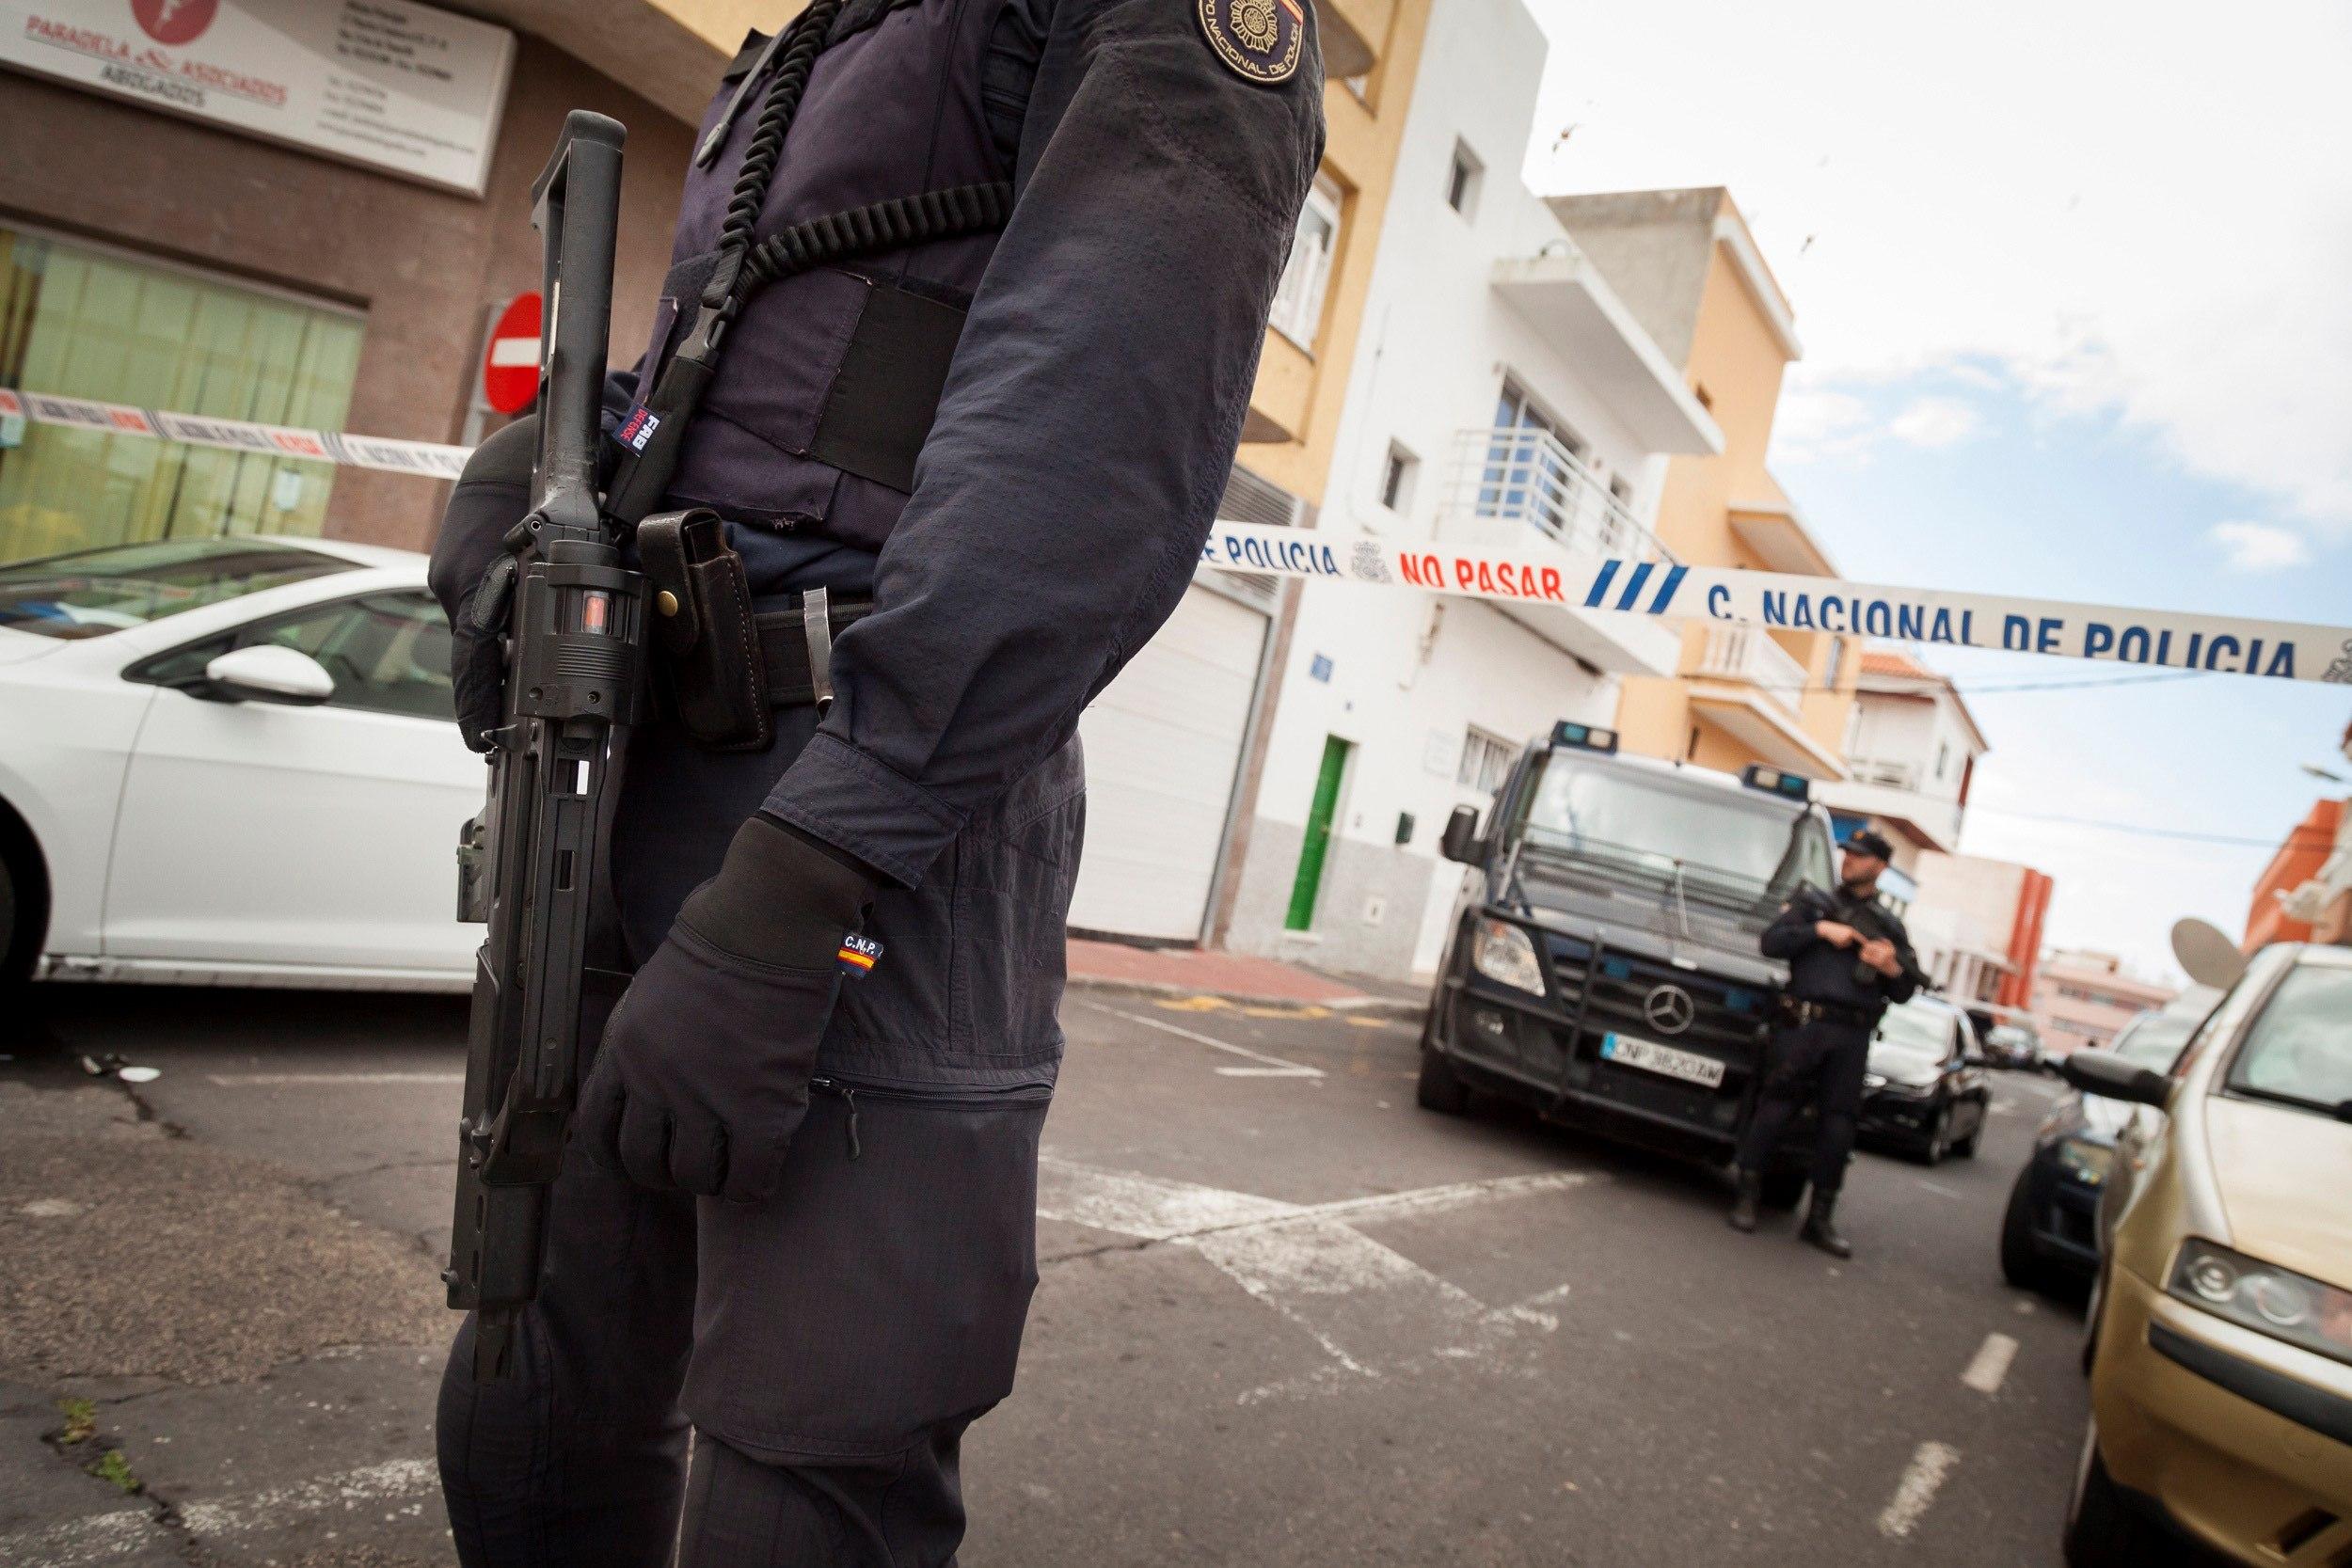 La policia deté a Tenerife tres persones per captar jihadistes. /RAMÓN DE LA ROCHA